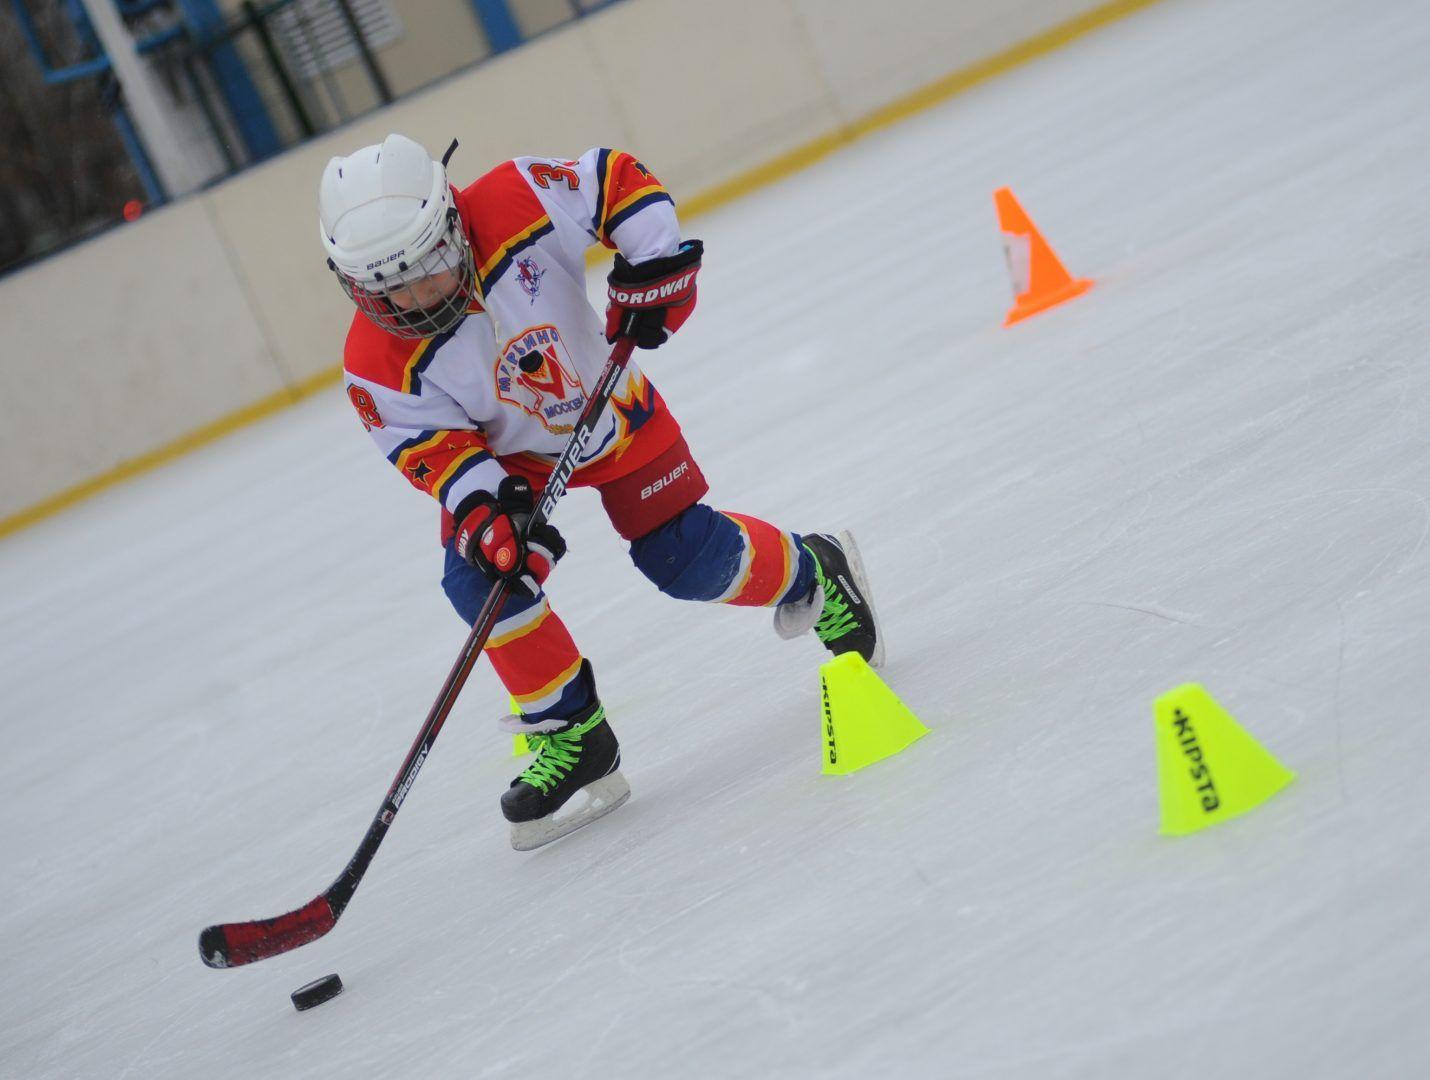 Спортсмены получат обновлённую хоккейную коробку. Фото: Александр Кожохин, «ВечерняяМосква»